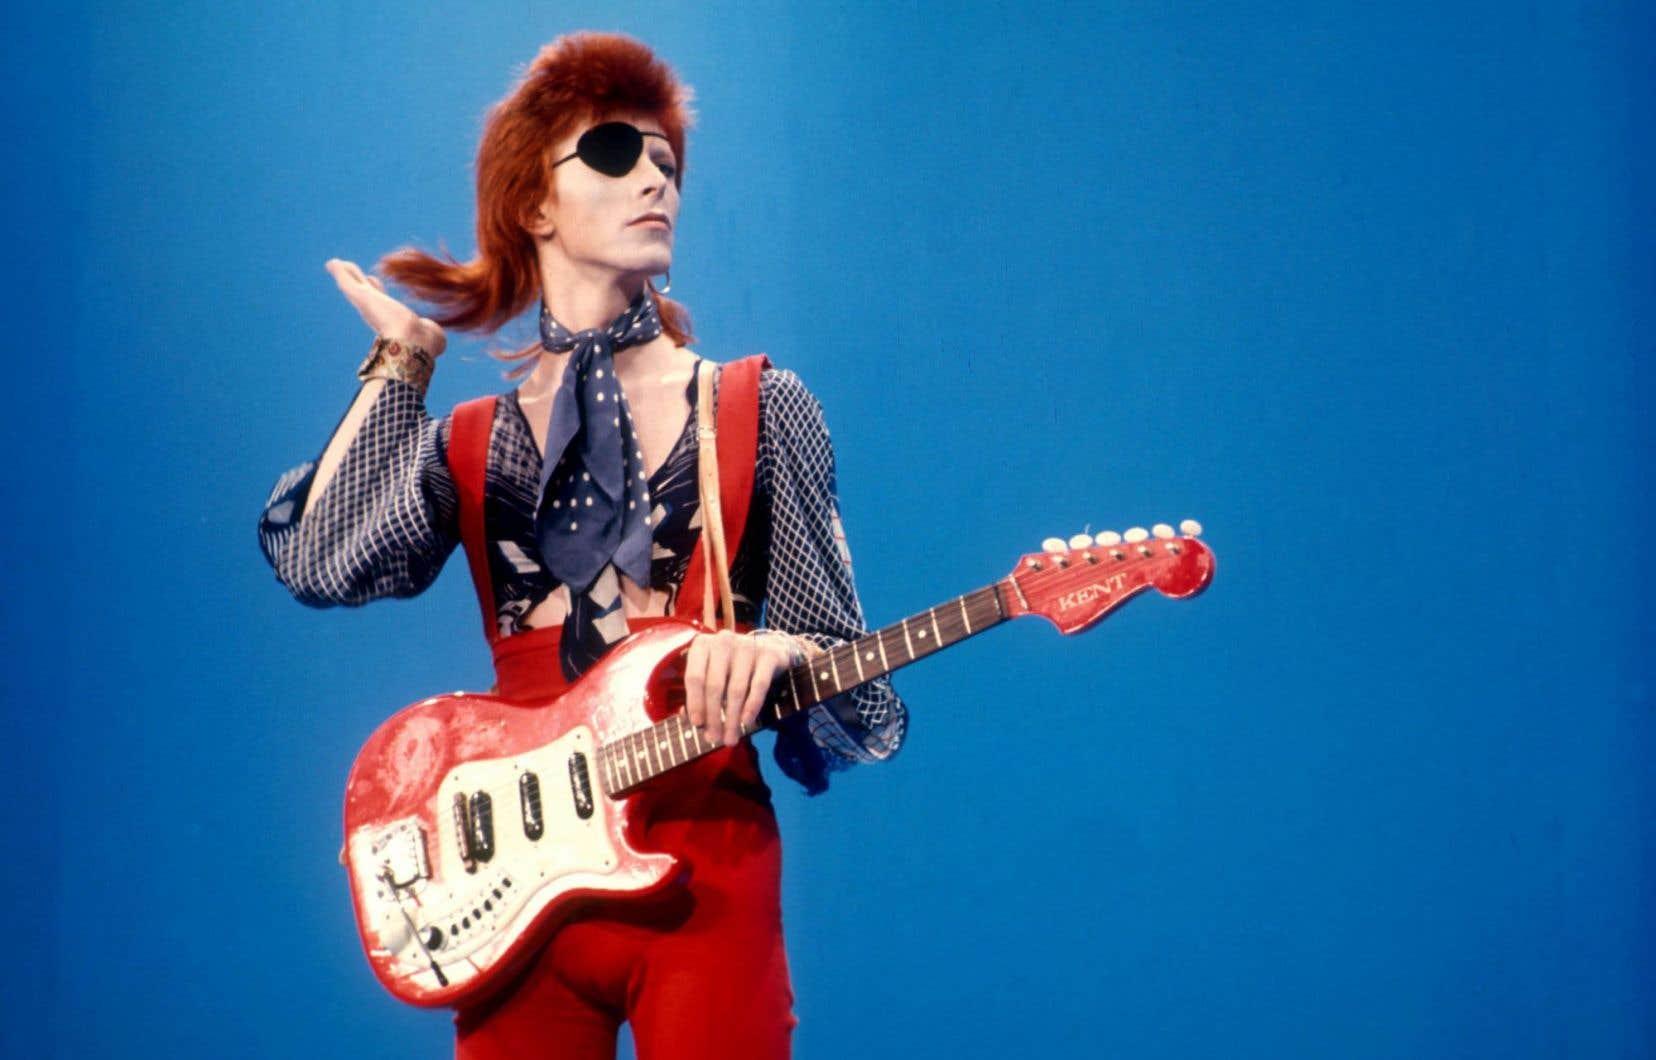 David Bowie est décédé le 10 janvier, deux jours après avoir fêté ses 69 ans et la sortie de son dernier album, «Blackstar».